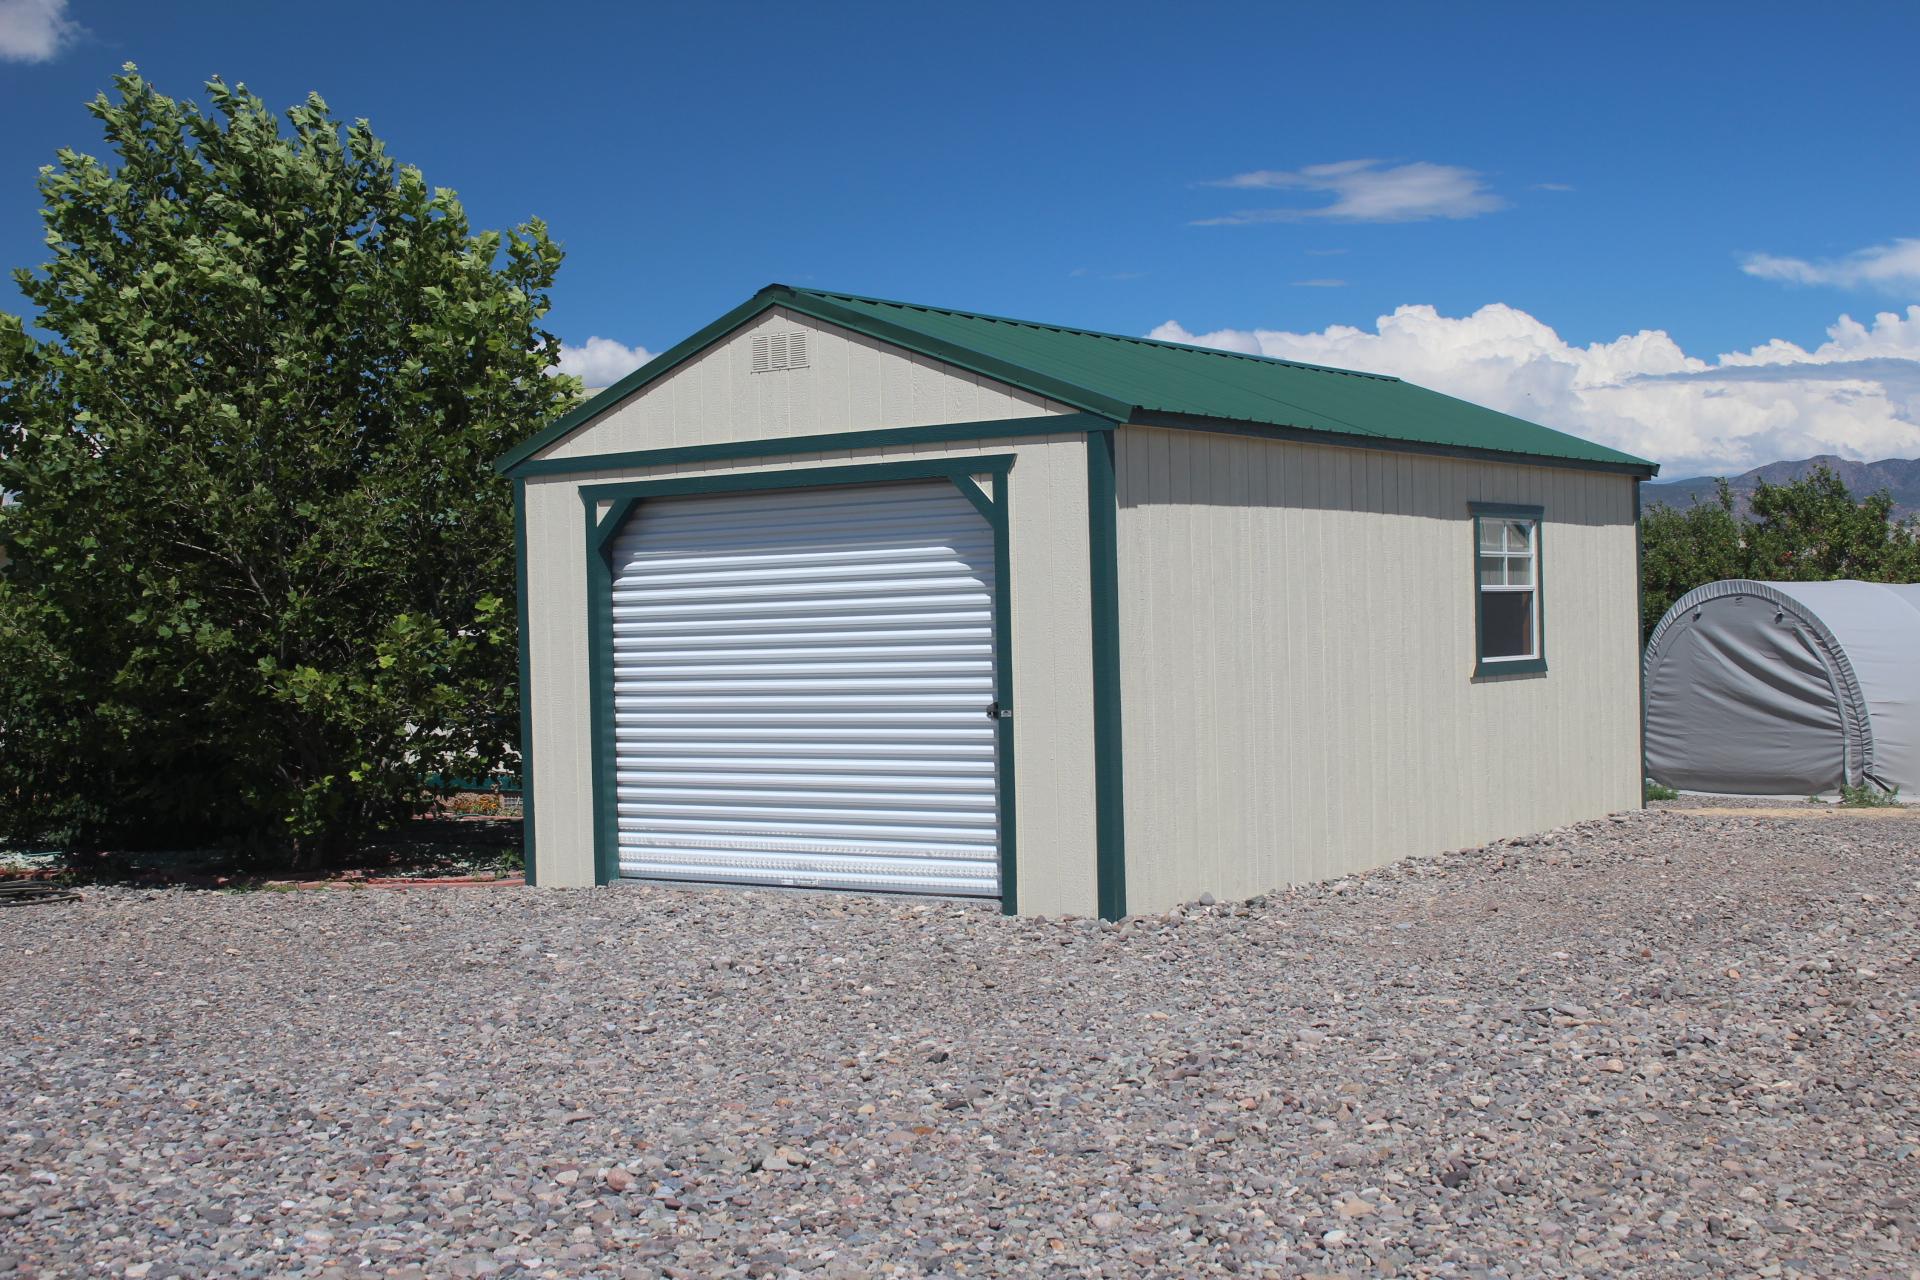 Portable Garage Shed on Gravel Foundation